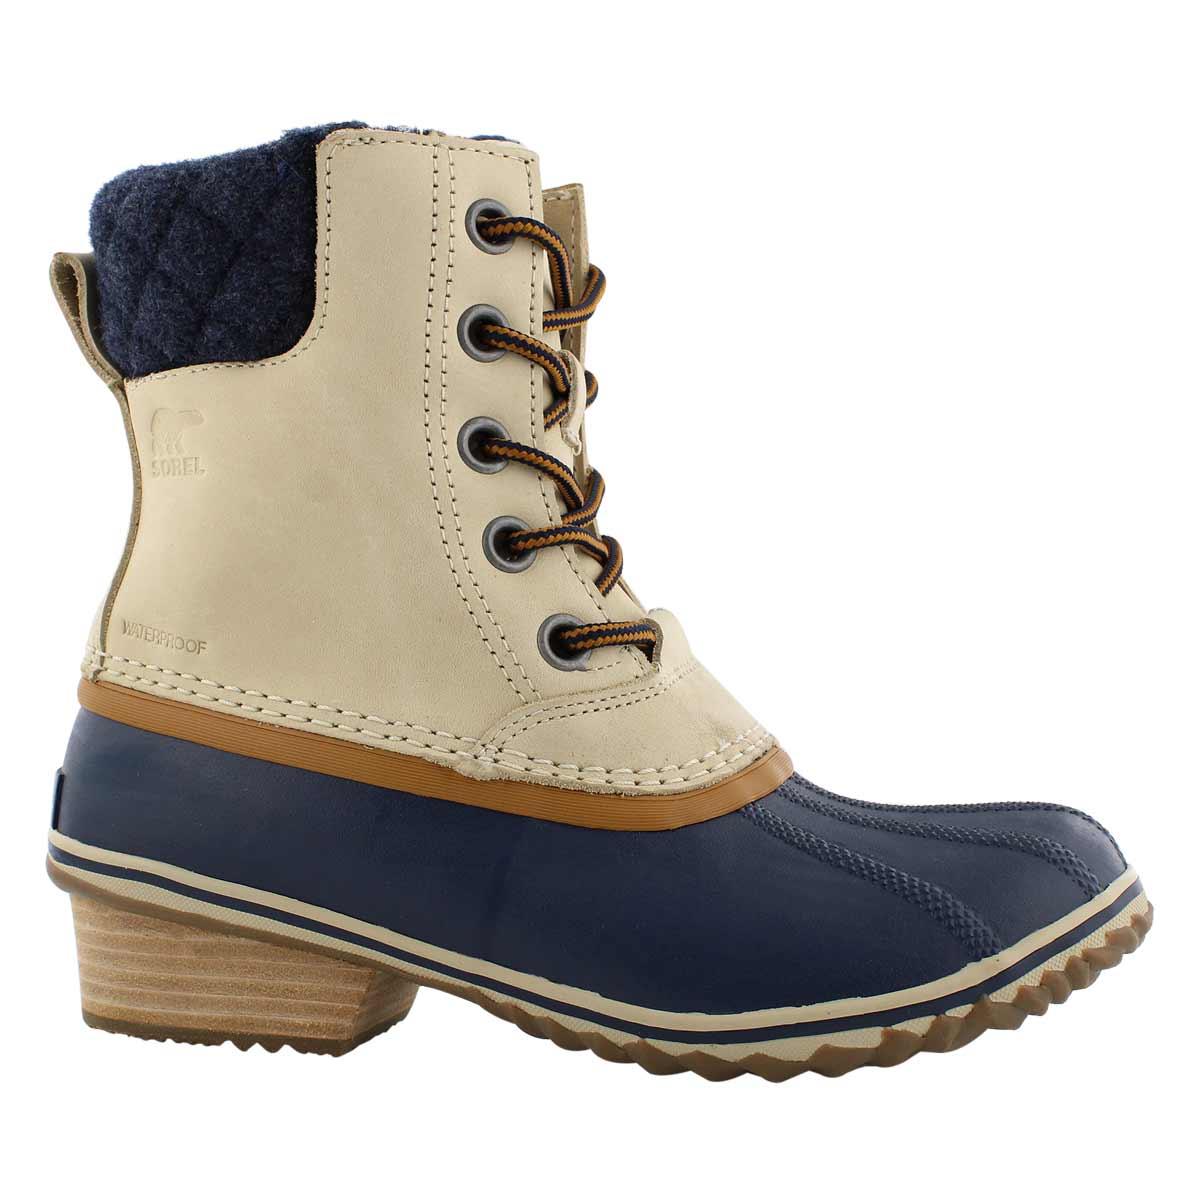 Lds Slimpack II Lace oatmeal wtpf boot